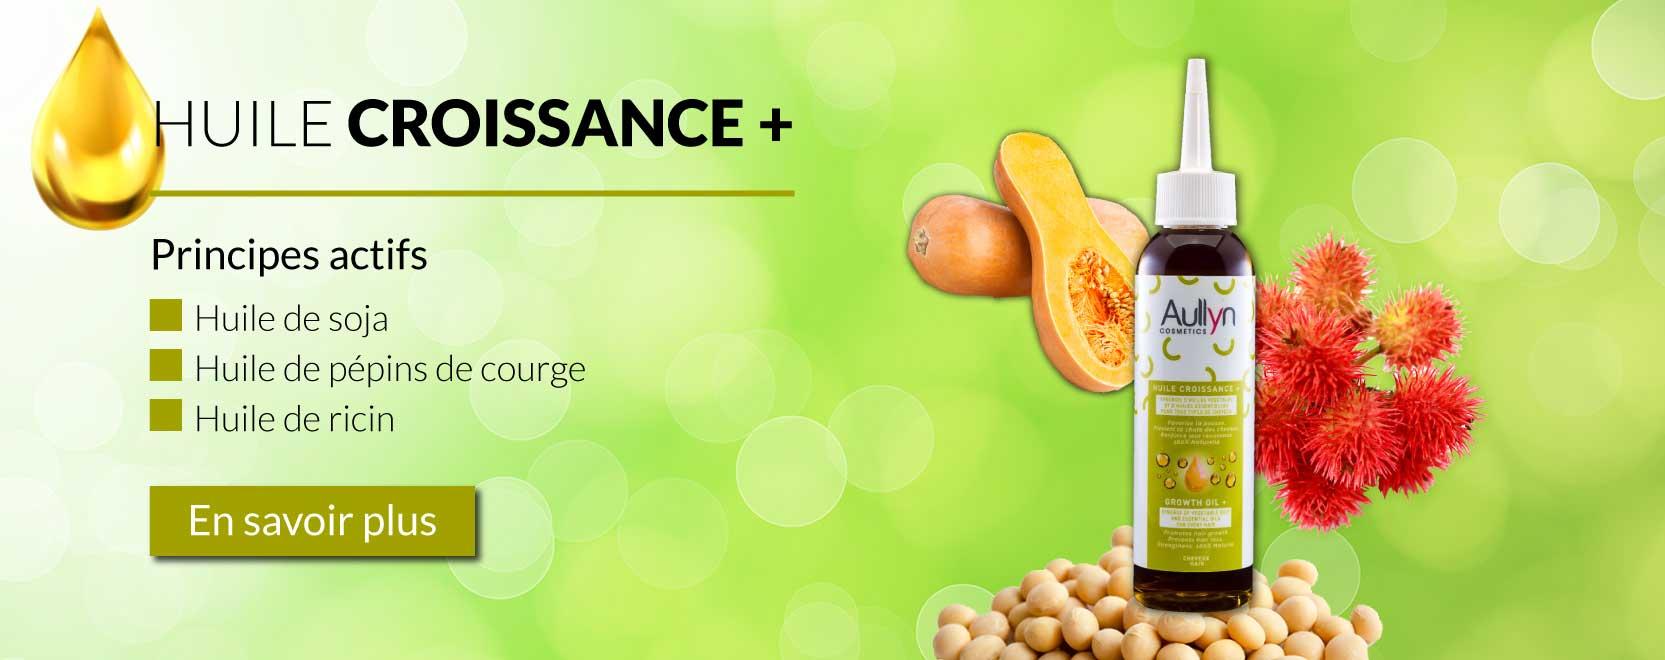 Huile Croissance+